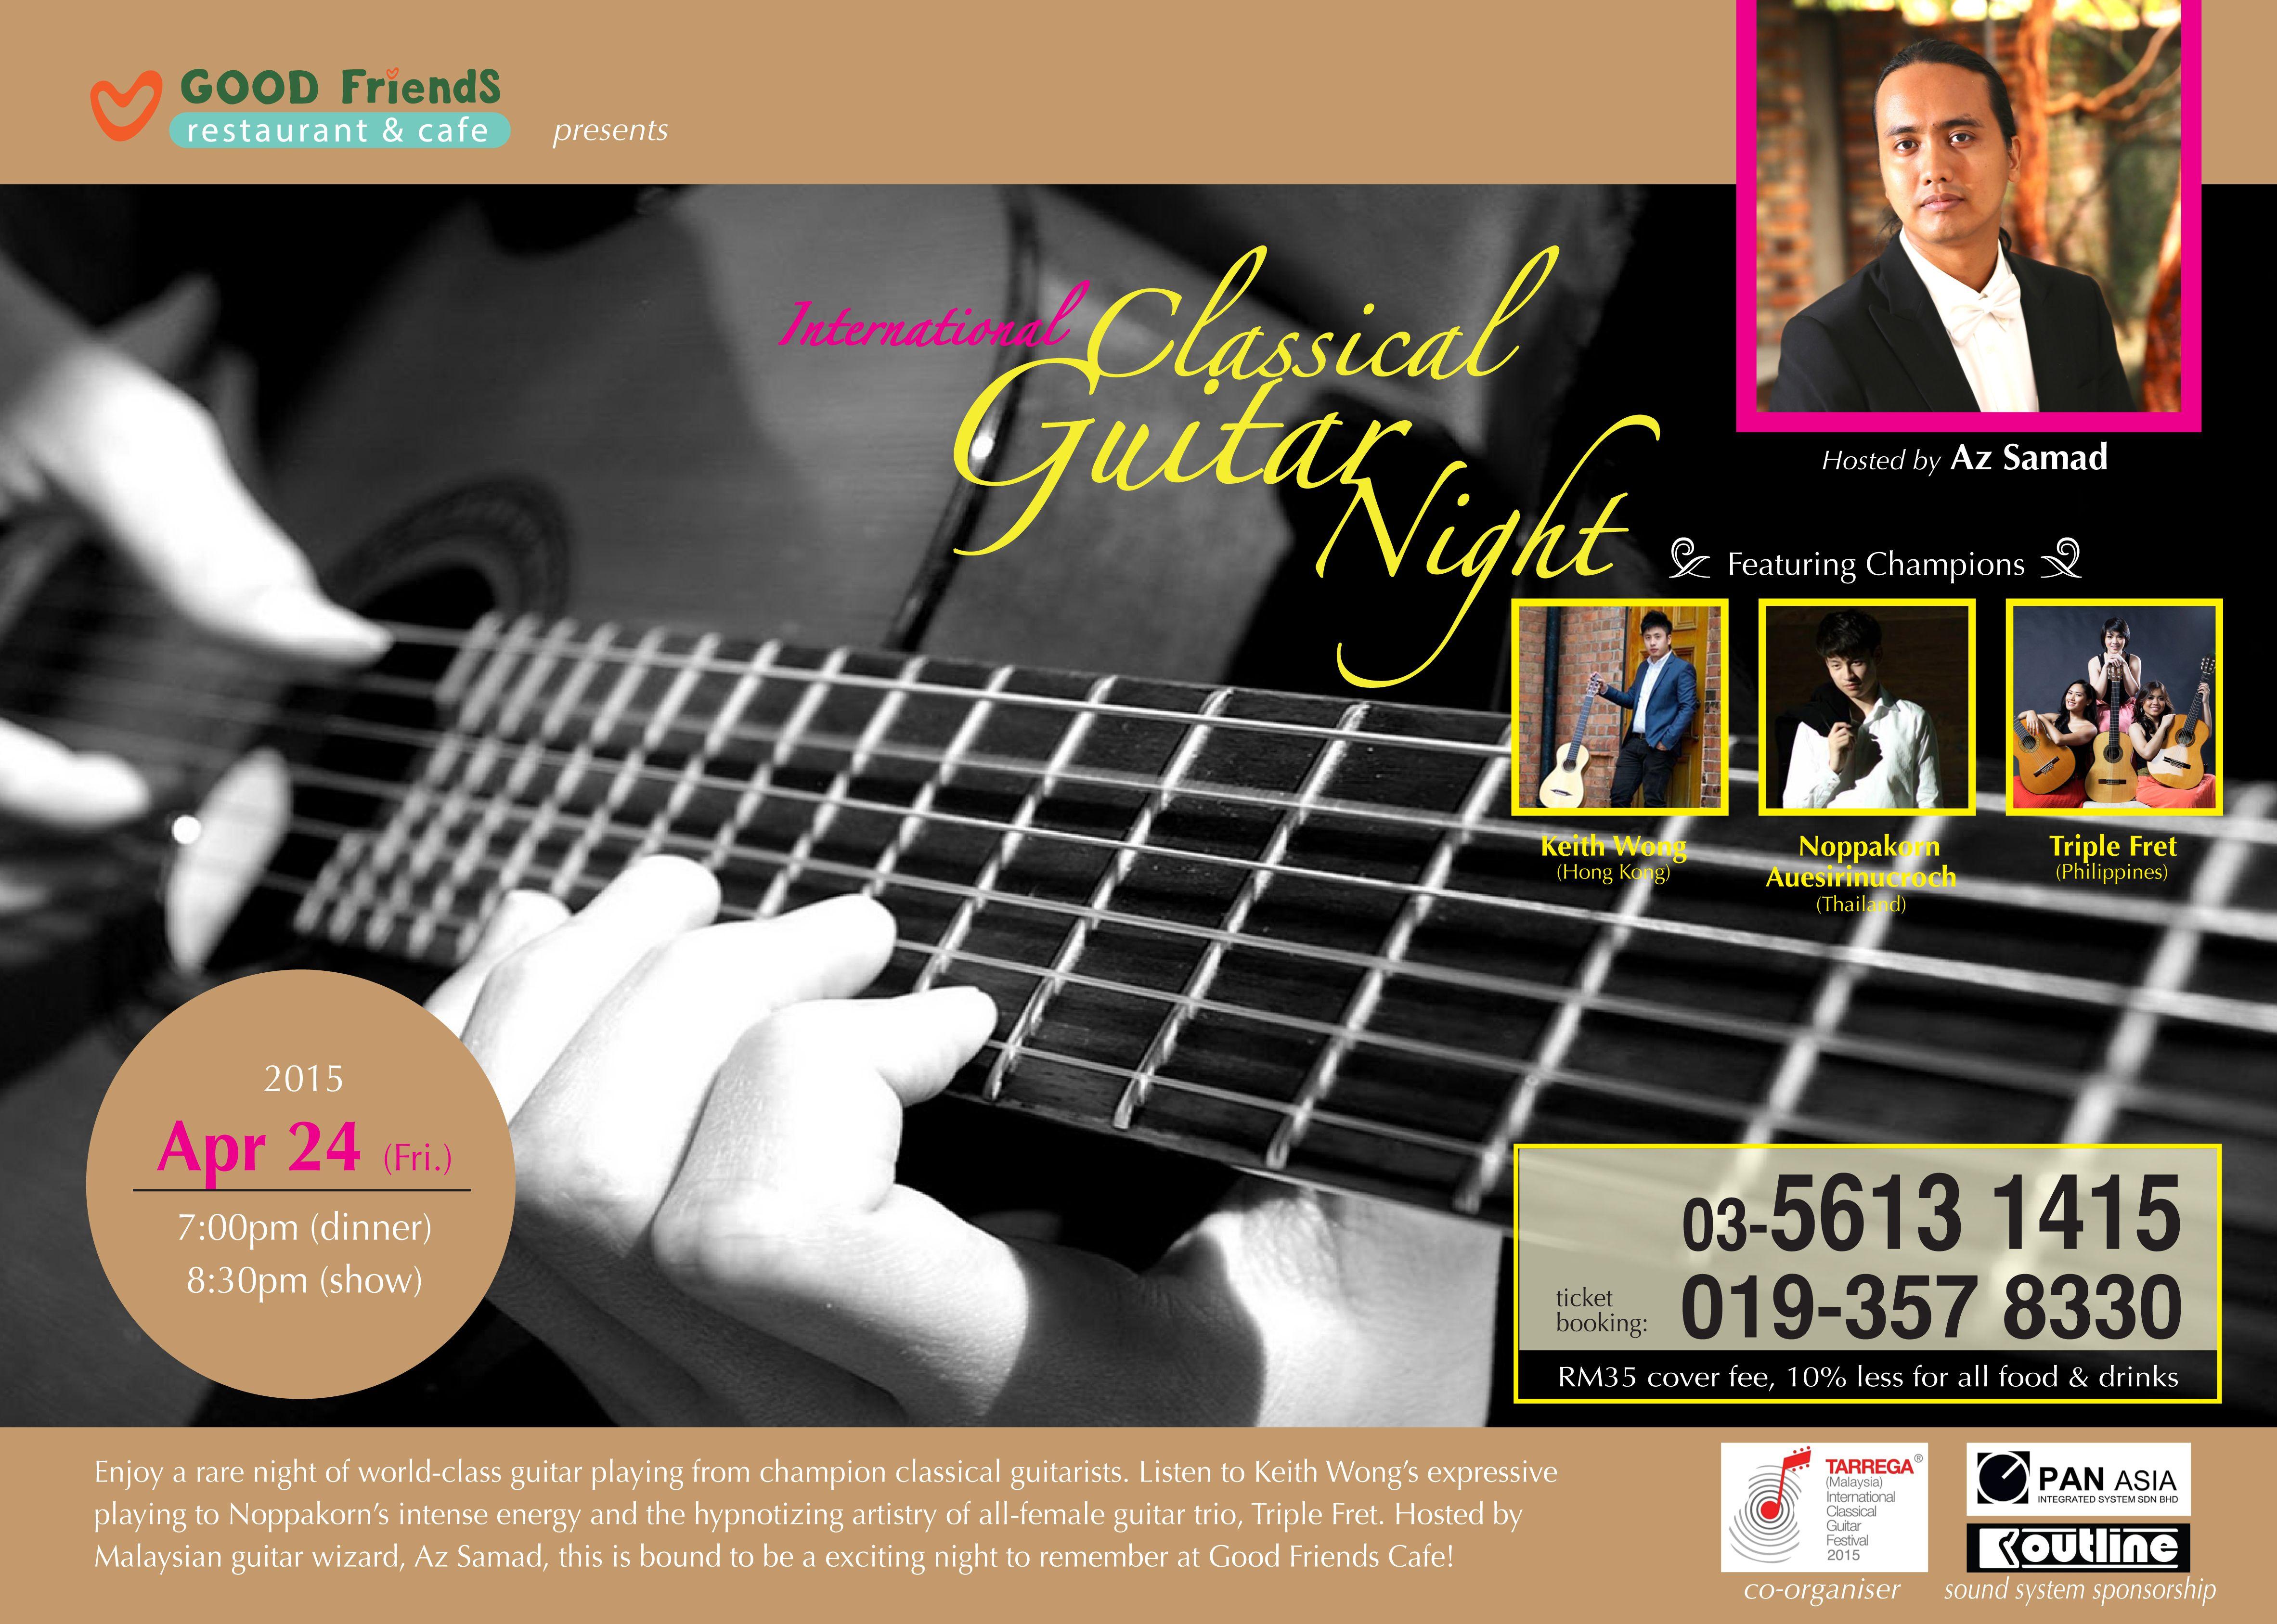 International Classical Guitar Night Featuring Champions Keith Wong Hong Kong Noppakorn Auesirinucroch Thailand Playing Guitar Friends Cafe Best Friends